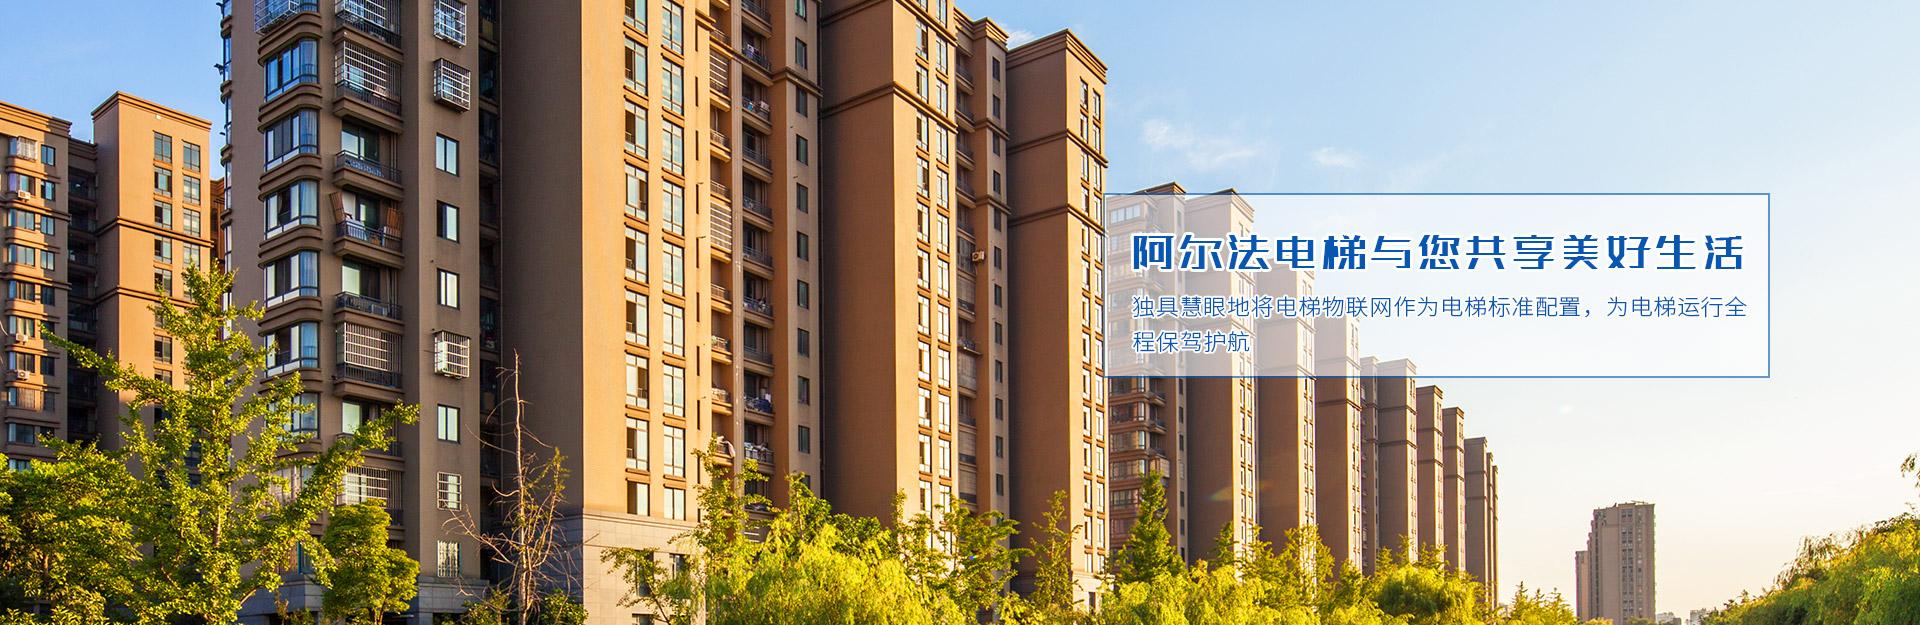 上海乘客联发彩票注册_上海阿尔法联发彩票注册有限公司